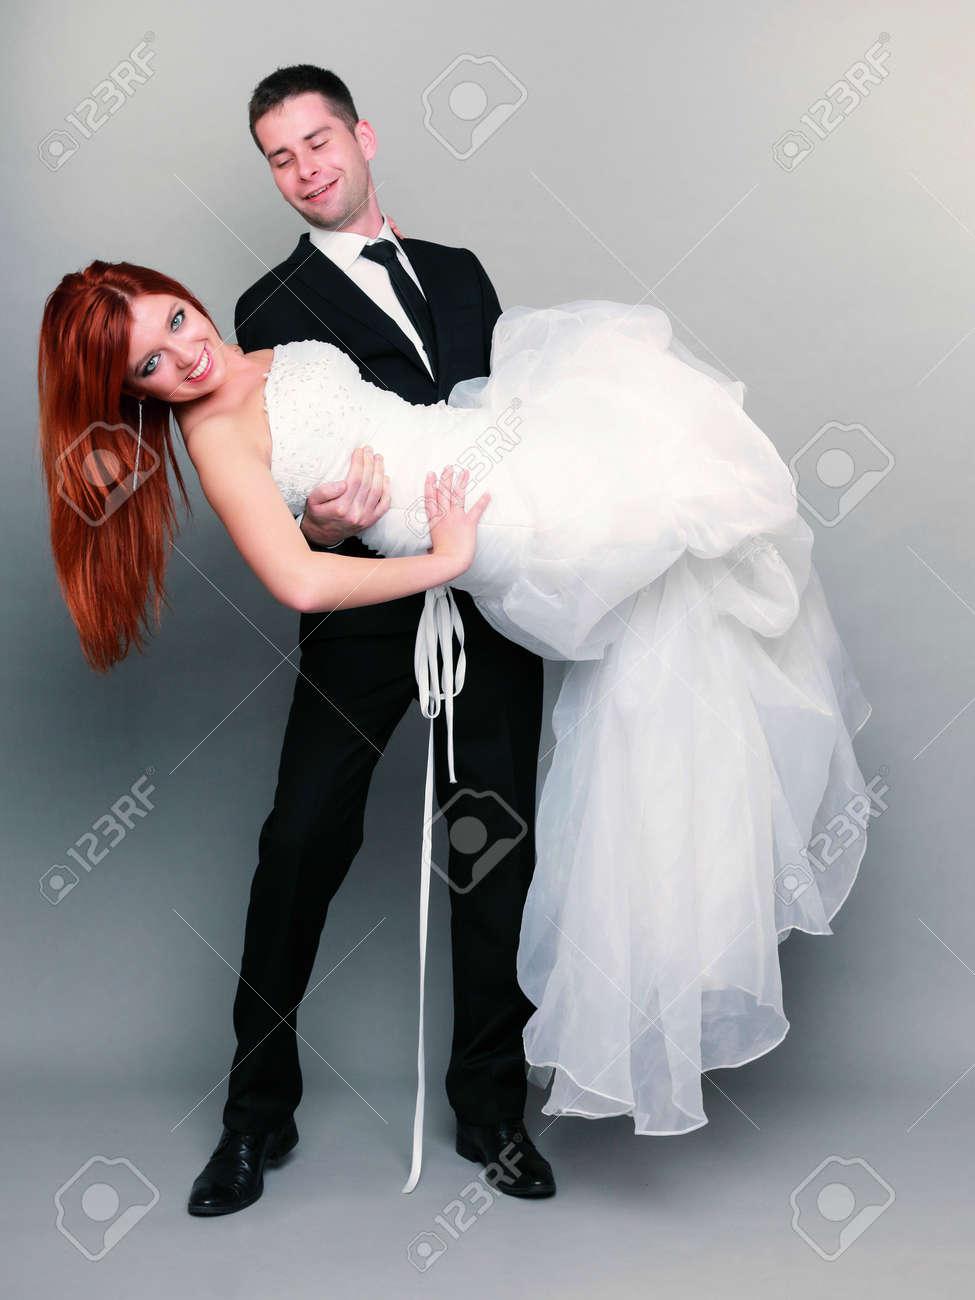 4f4e16657 Día de la boda. Retrato de feliz matrimonio el novio la celebración de la  novia